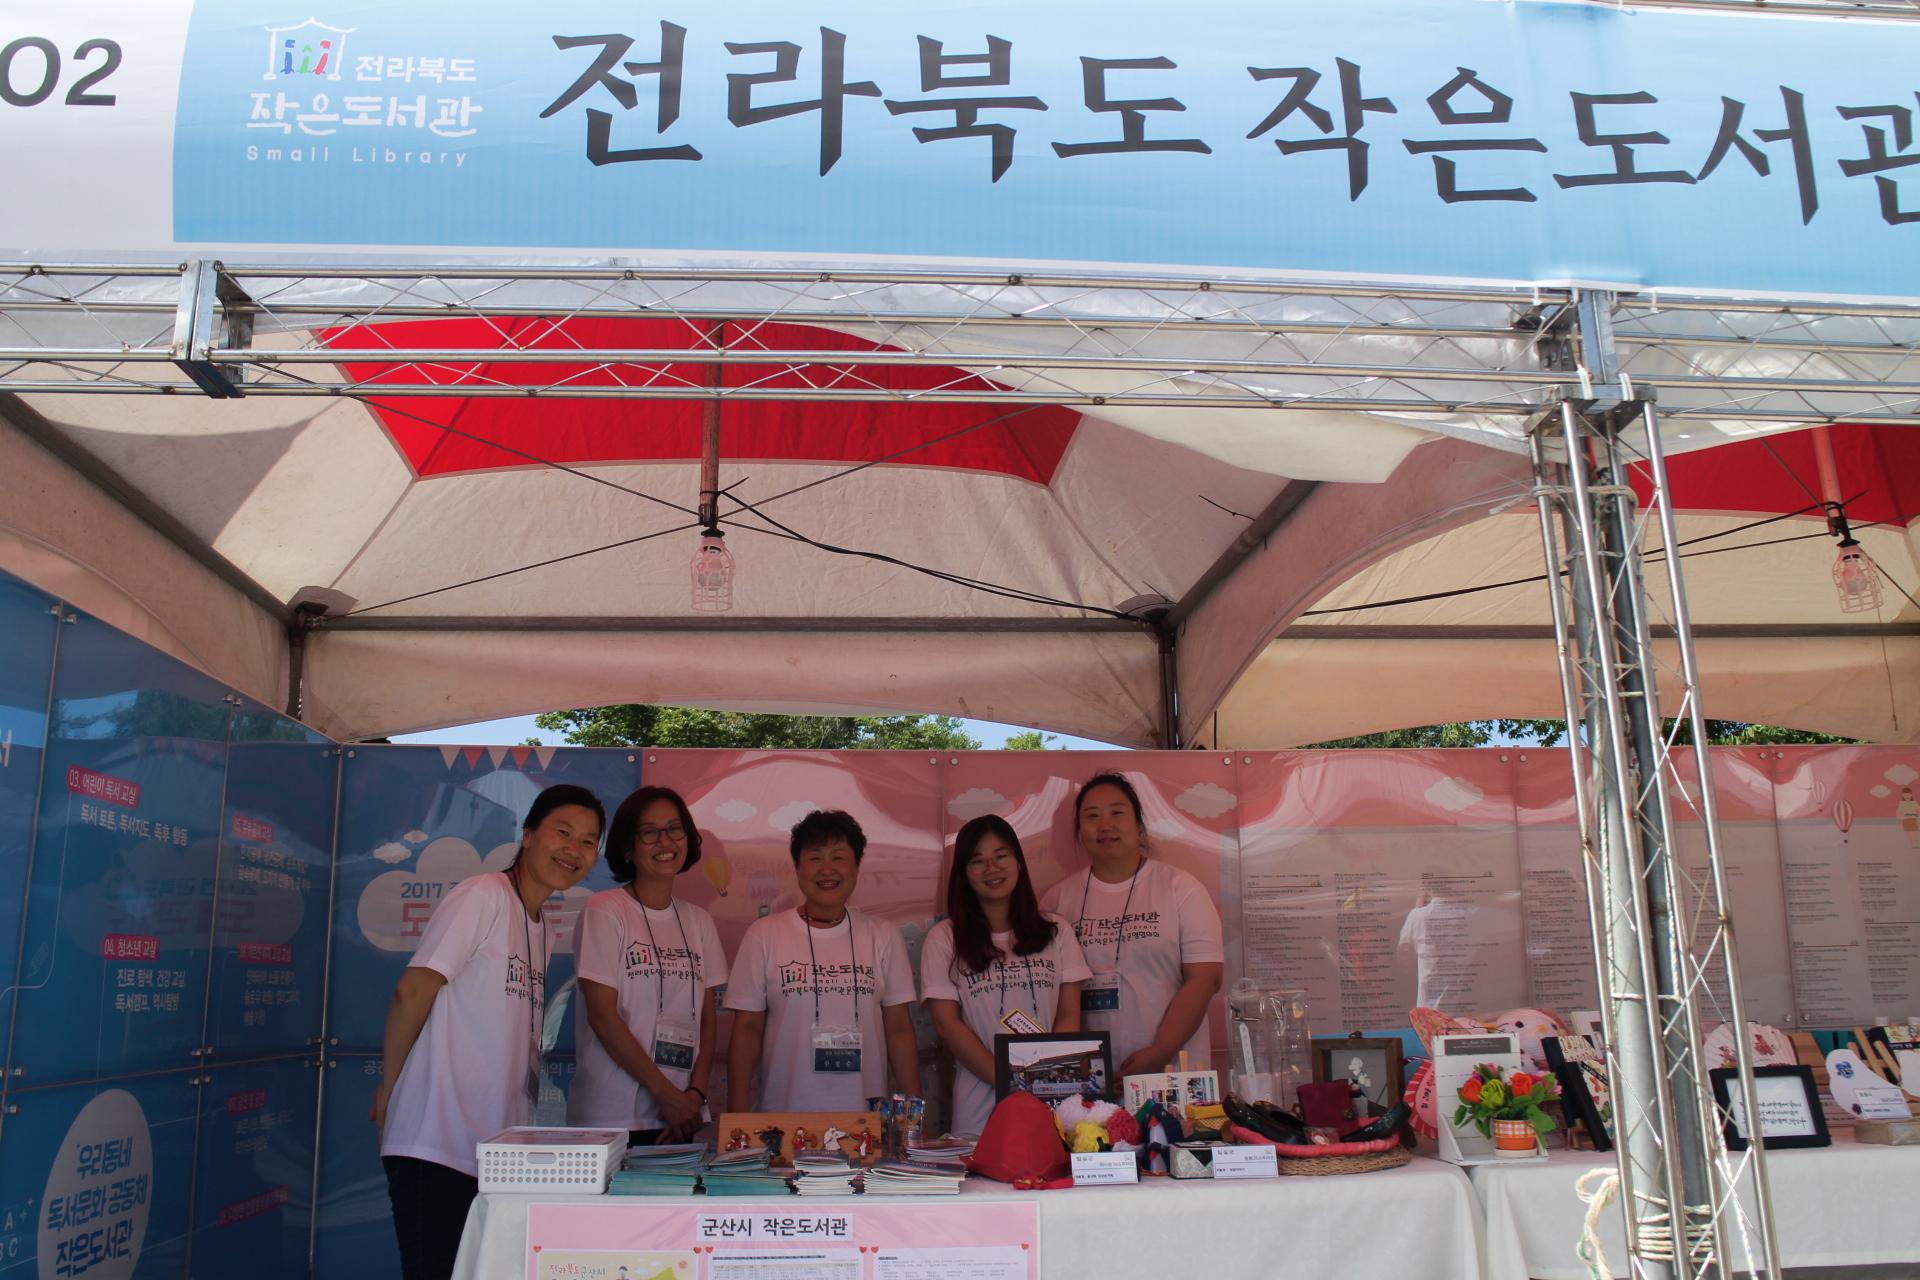 2017 대한민국 독서대전 - 작은도서관